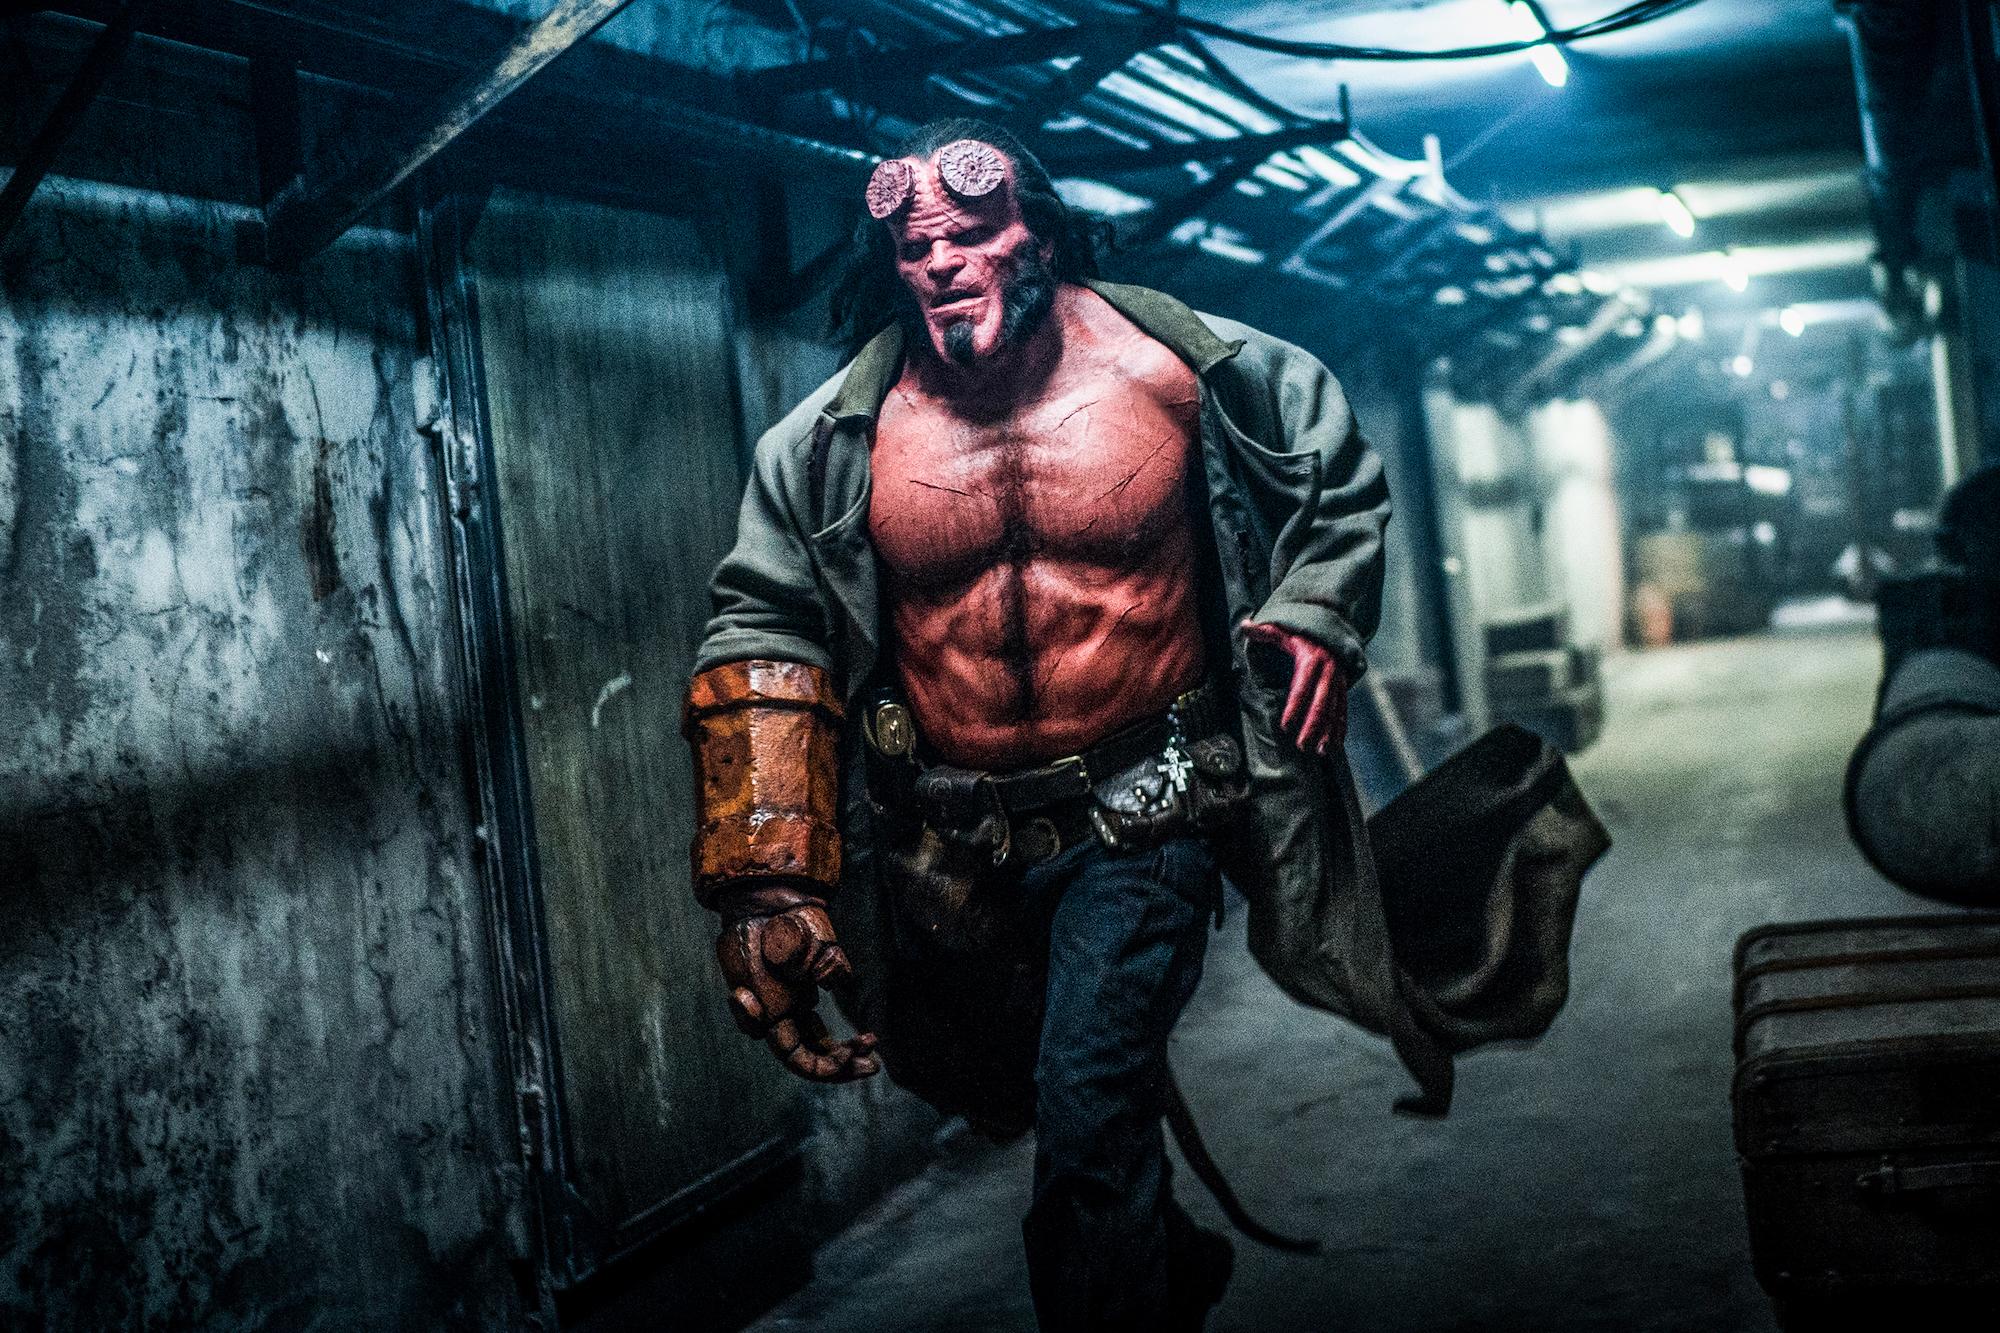 Seria Melhor Se Hellboy Estivesse No Inferno